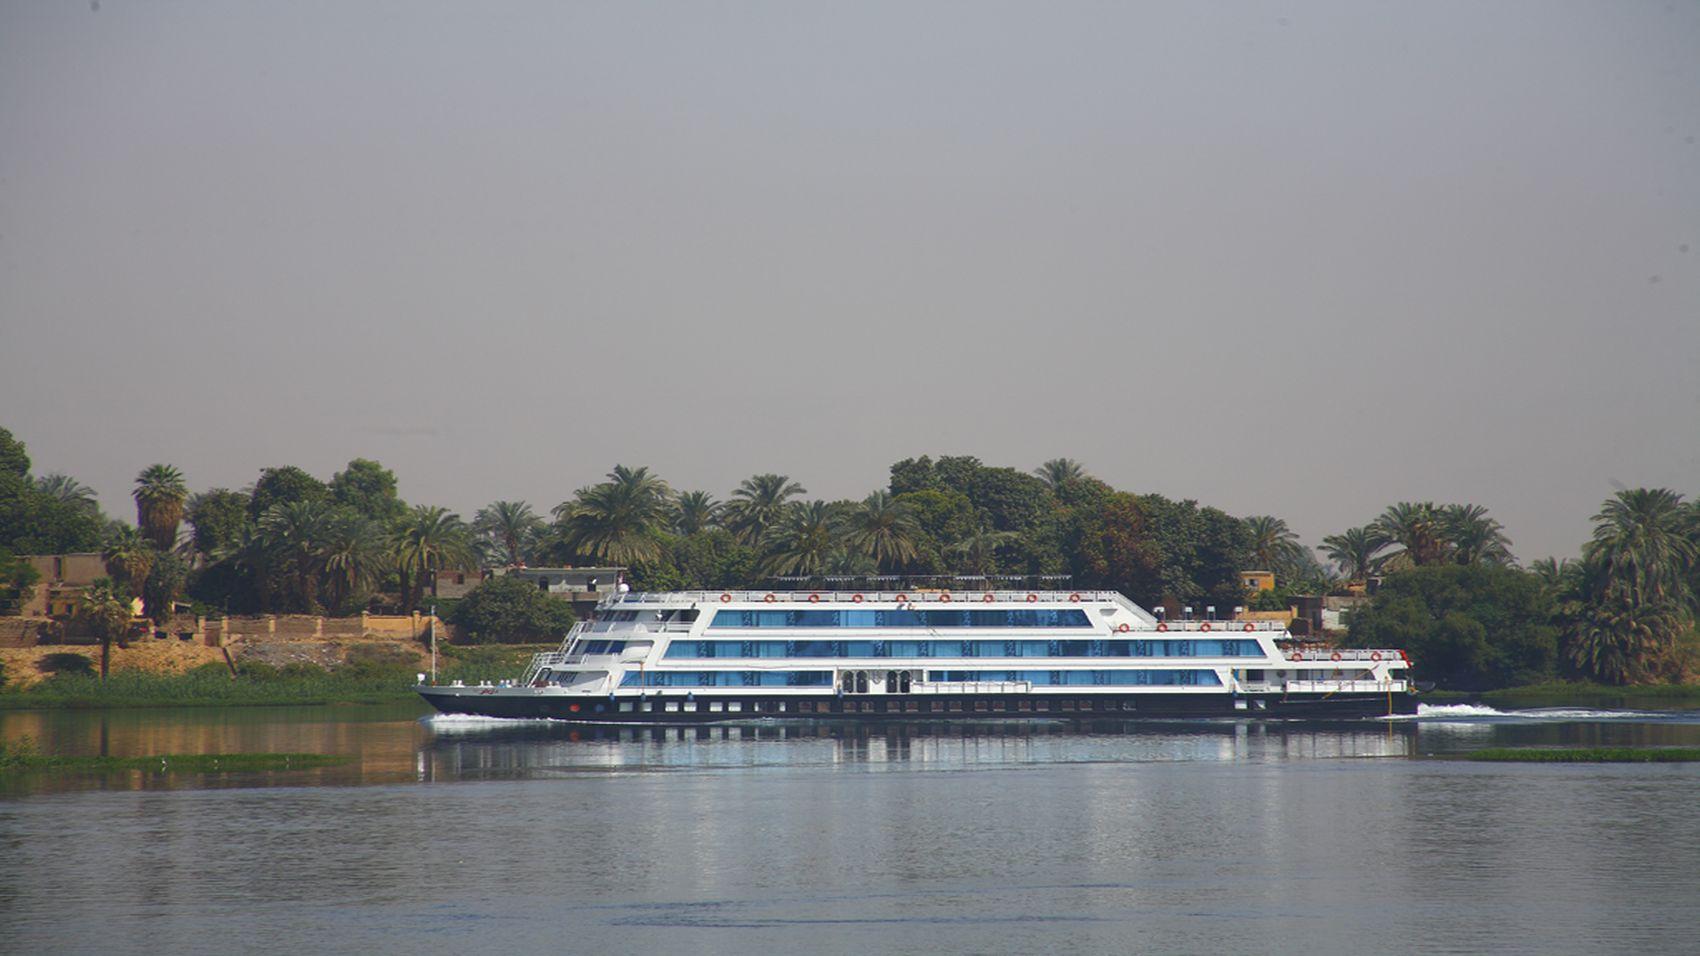 Darakum Nile Cruise Outside